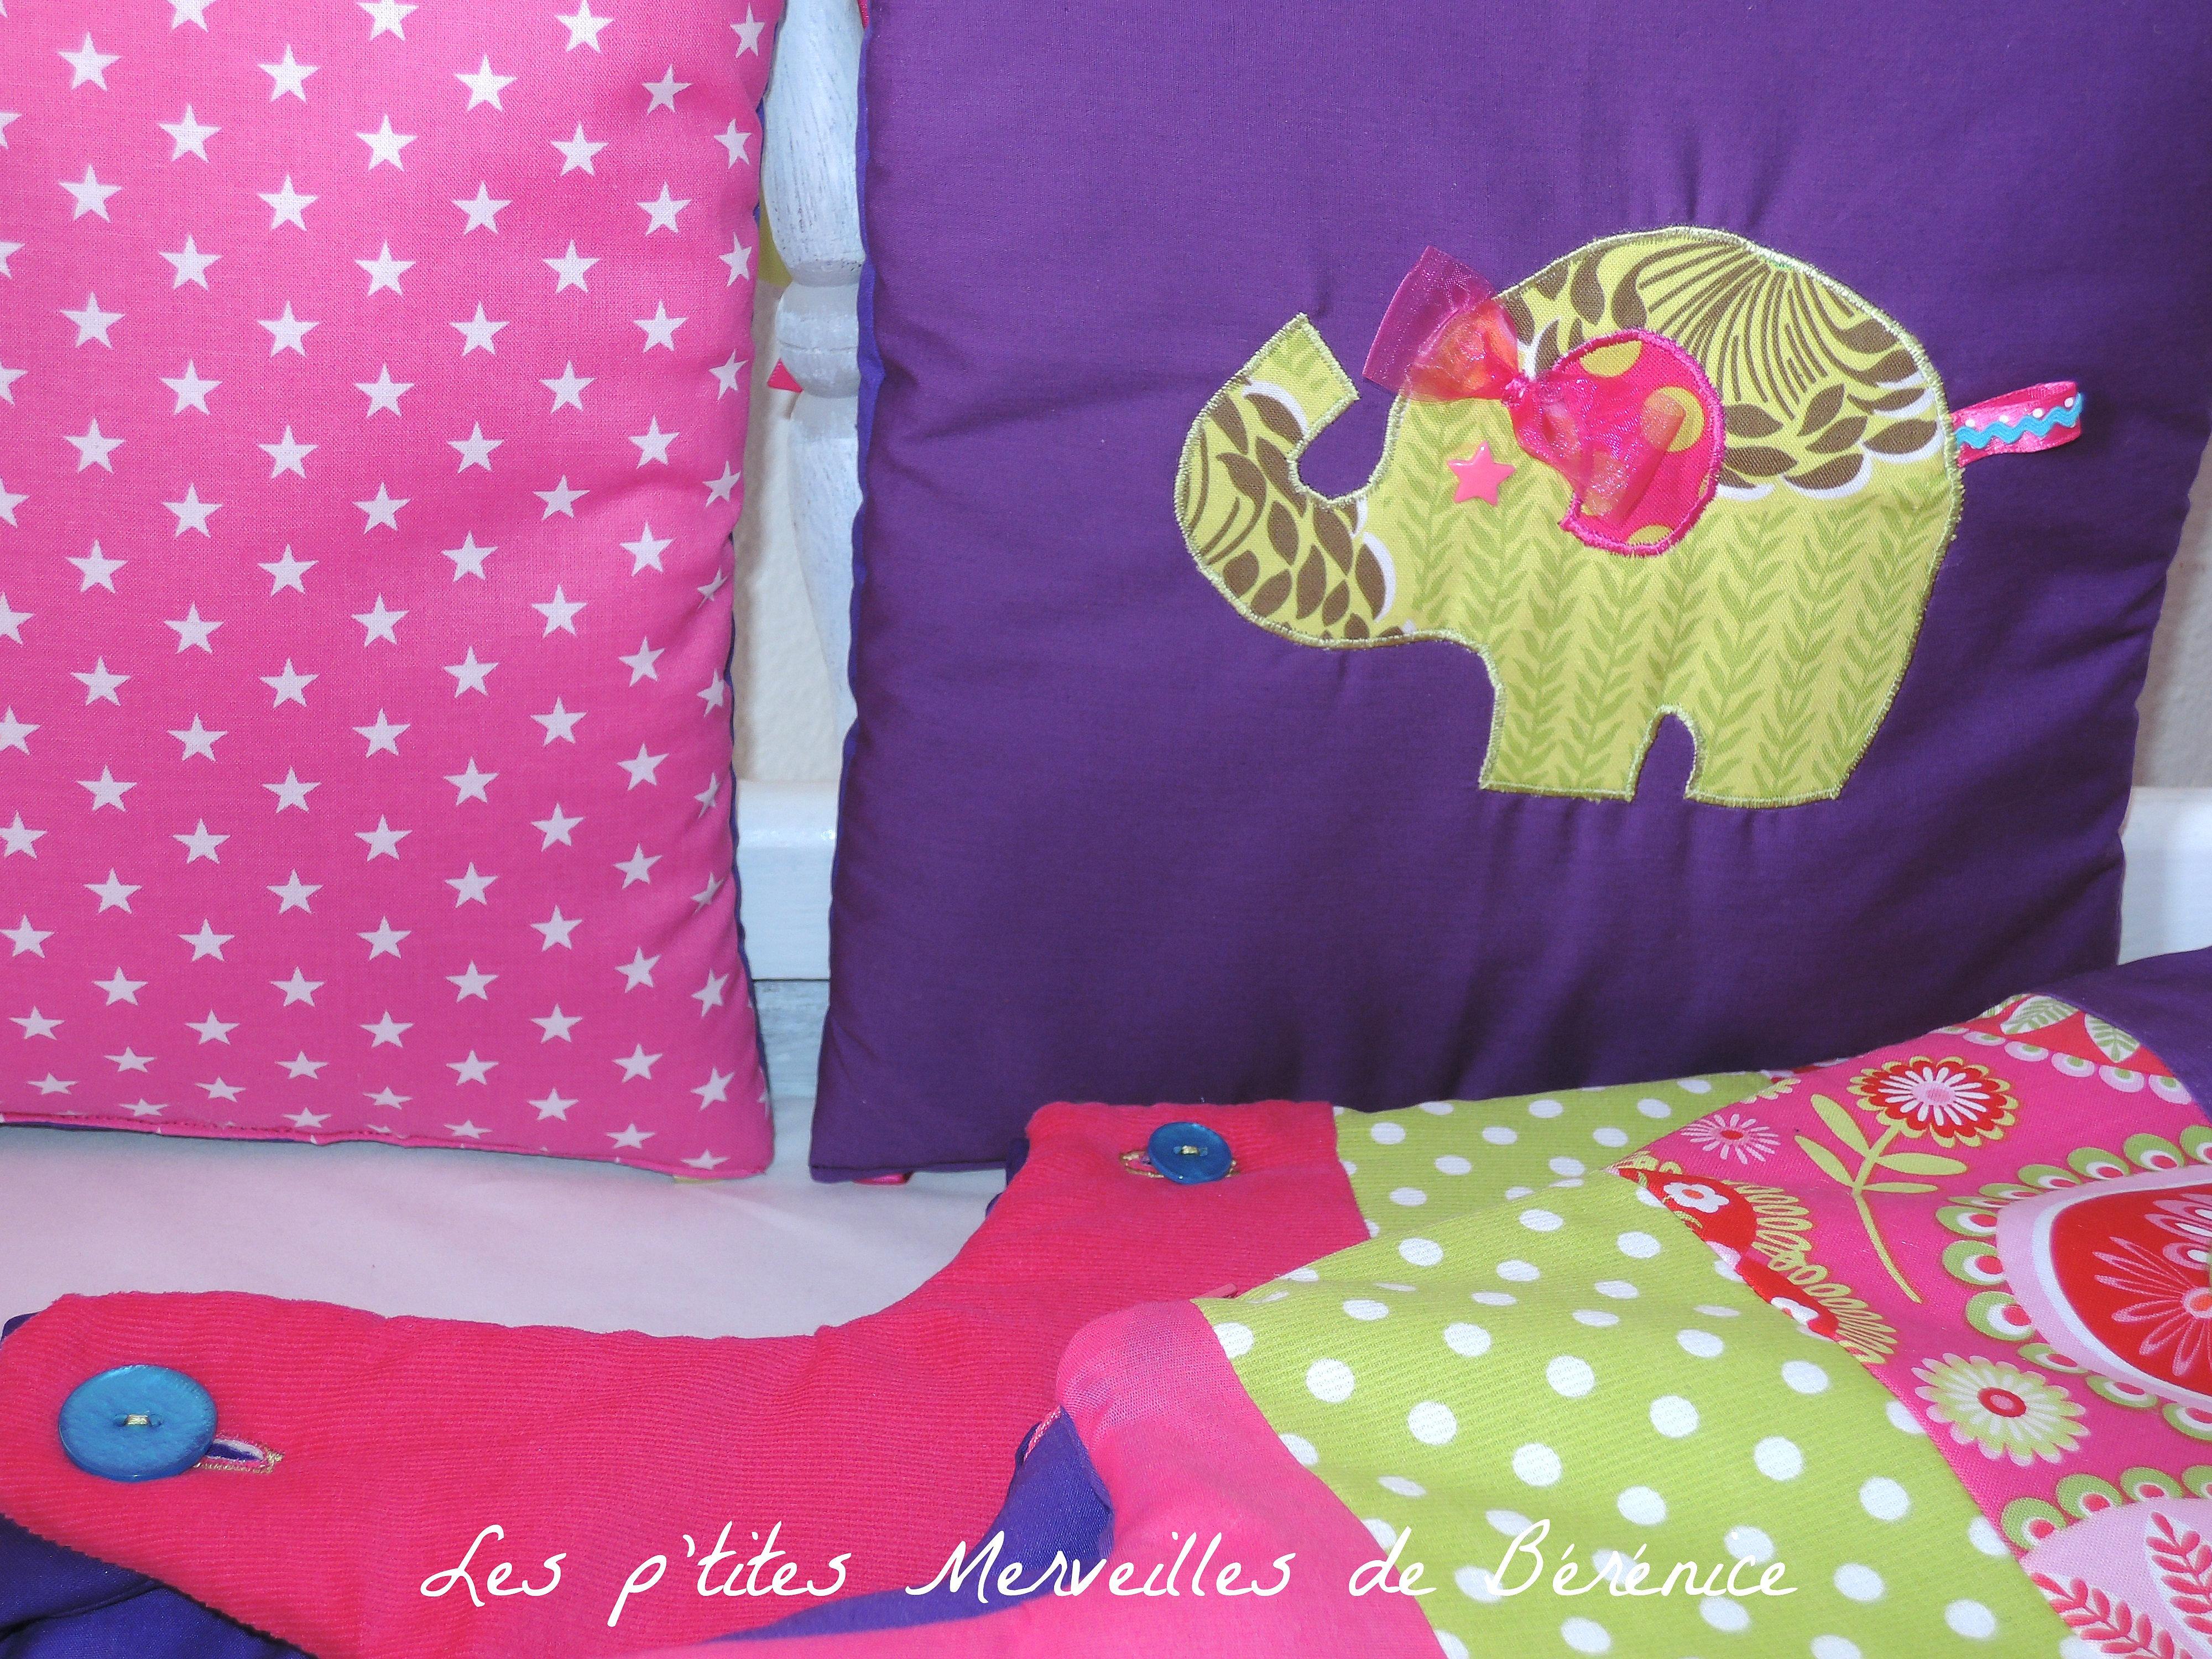 d co chambre b b cadeau naissance les p 39 tites merveilles de b r nice tour de lit. Black Bedroom Furniture Sets. Home Design Ideas